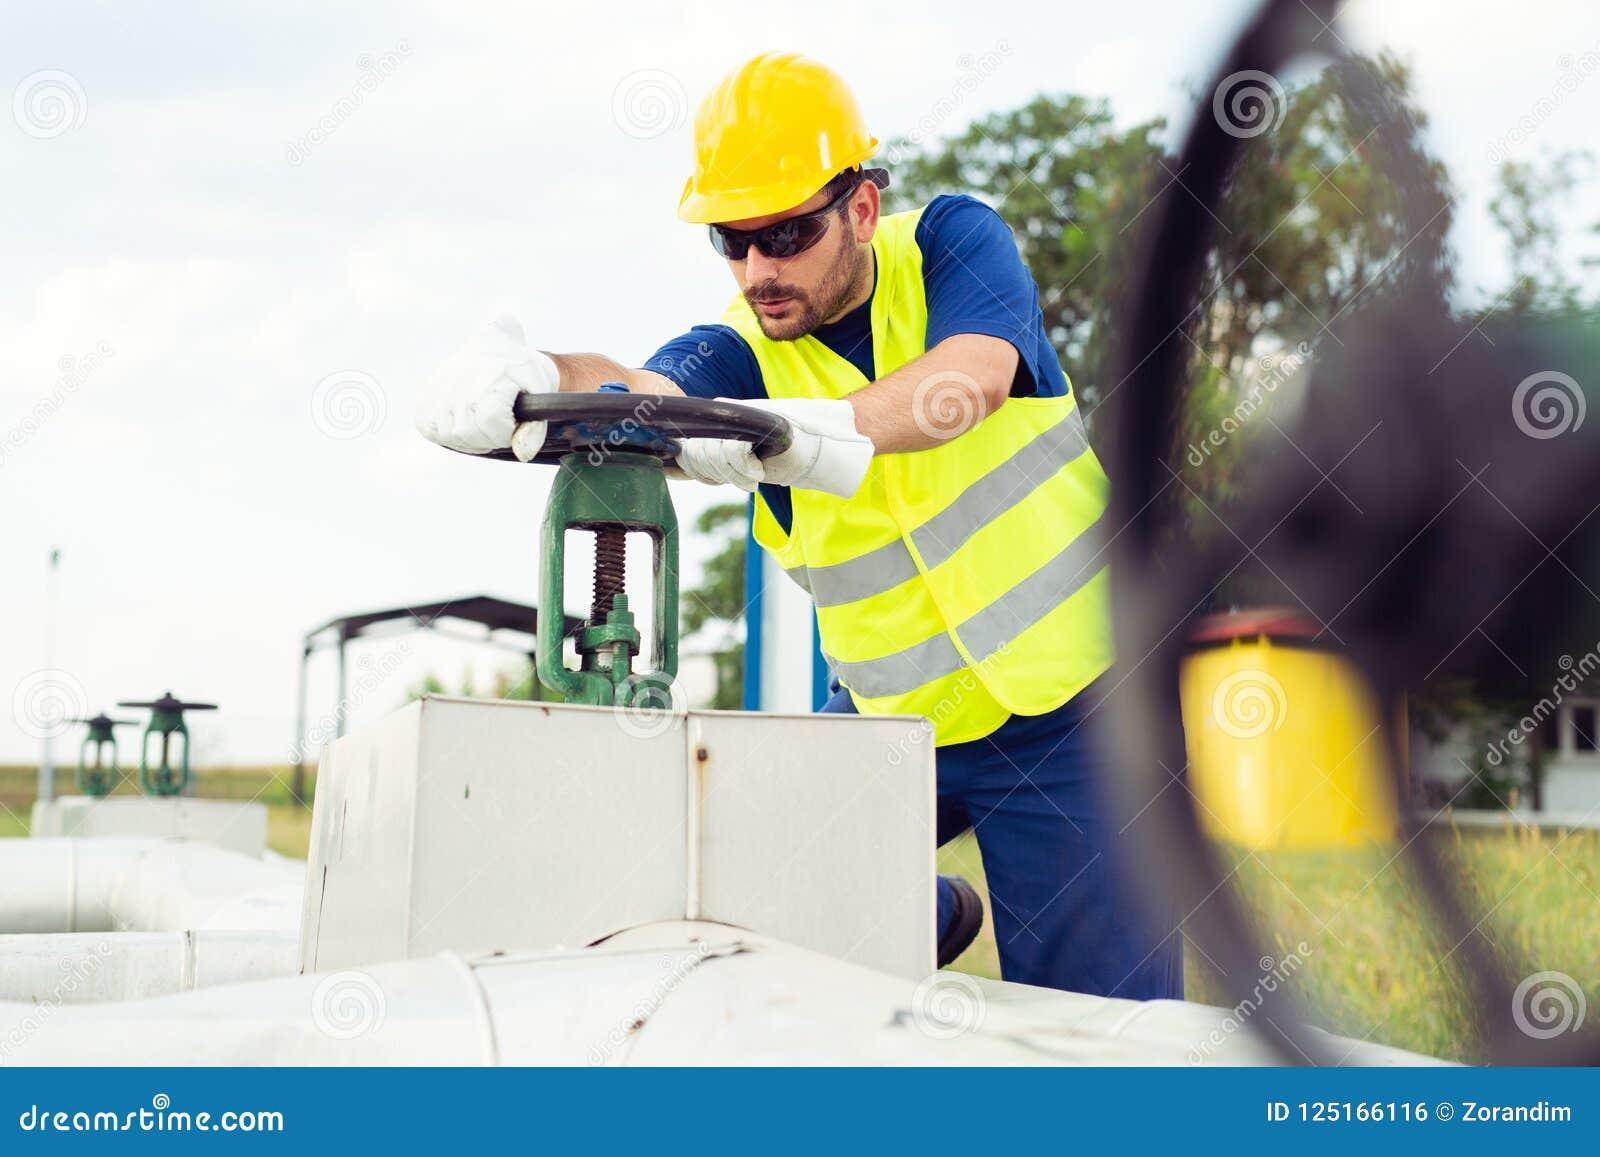 Arbetaren stänger ventilen på den olje- rörledningen